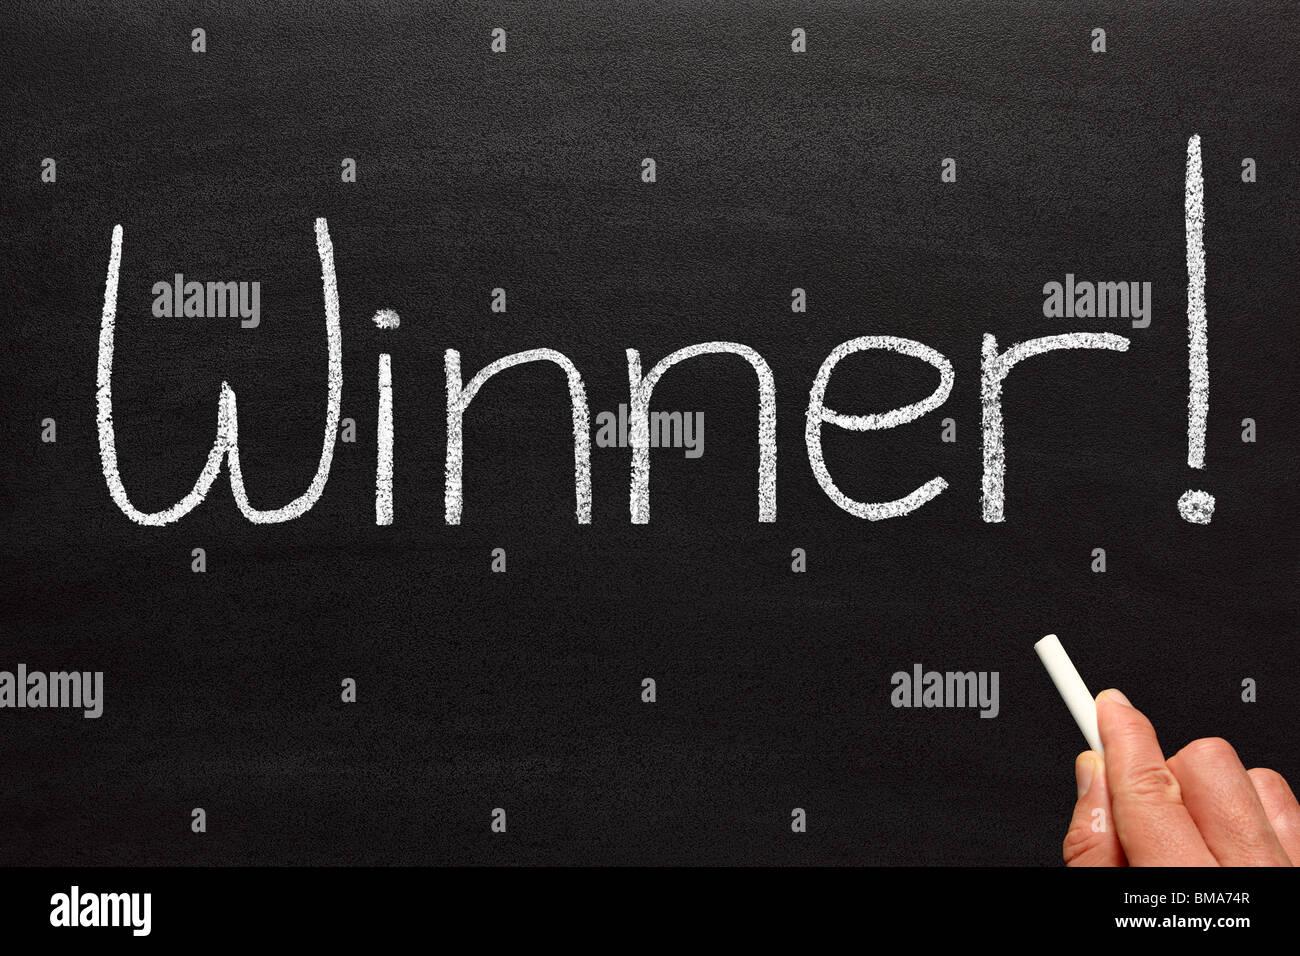 Winner, written on a blackboard. - Stock Image